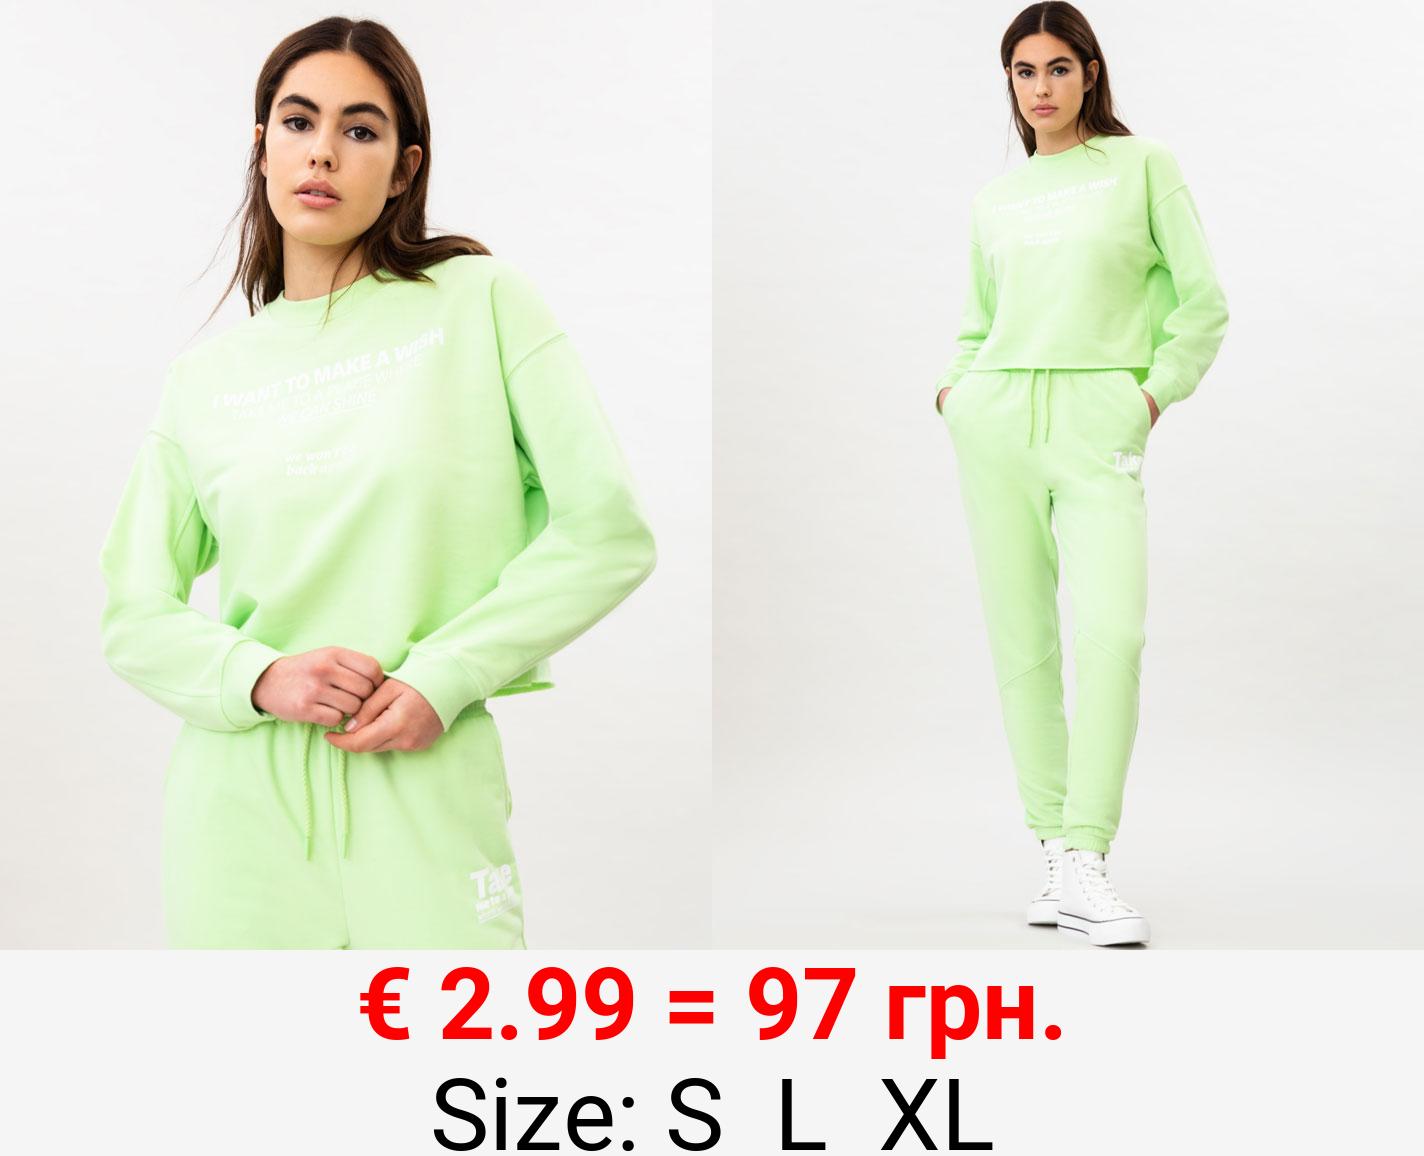 Printed tracksuit sweatshirt